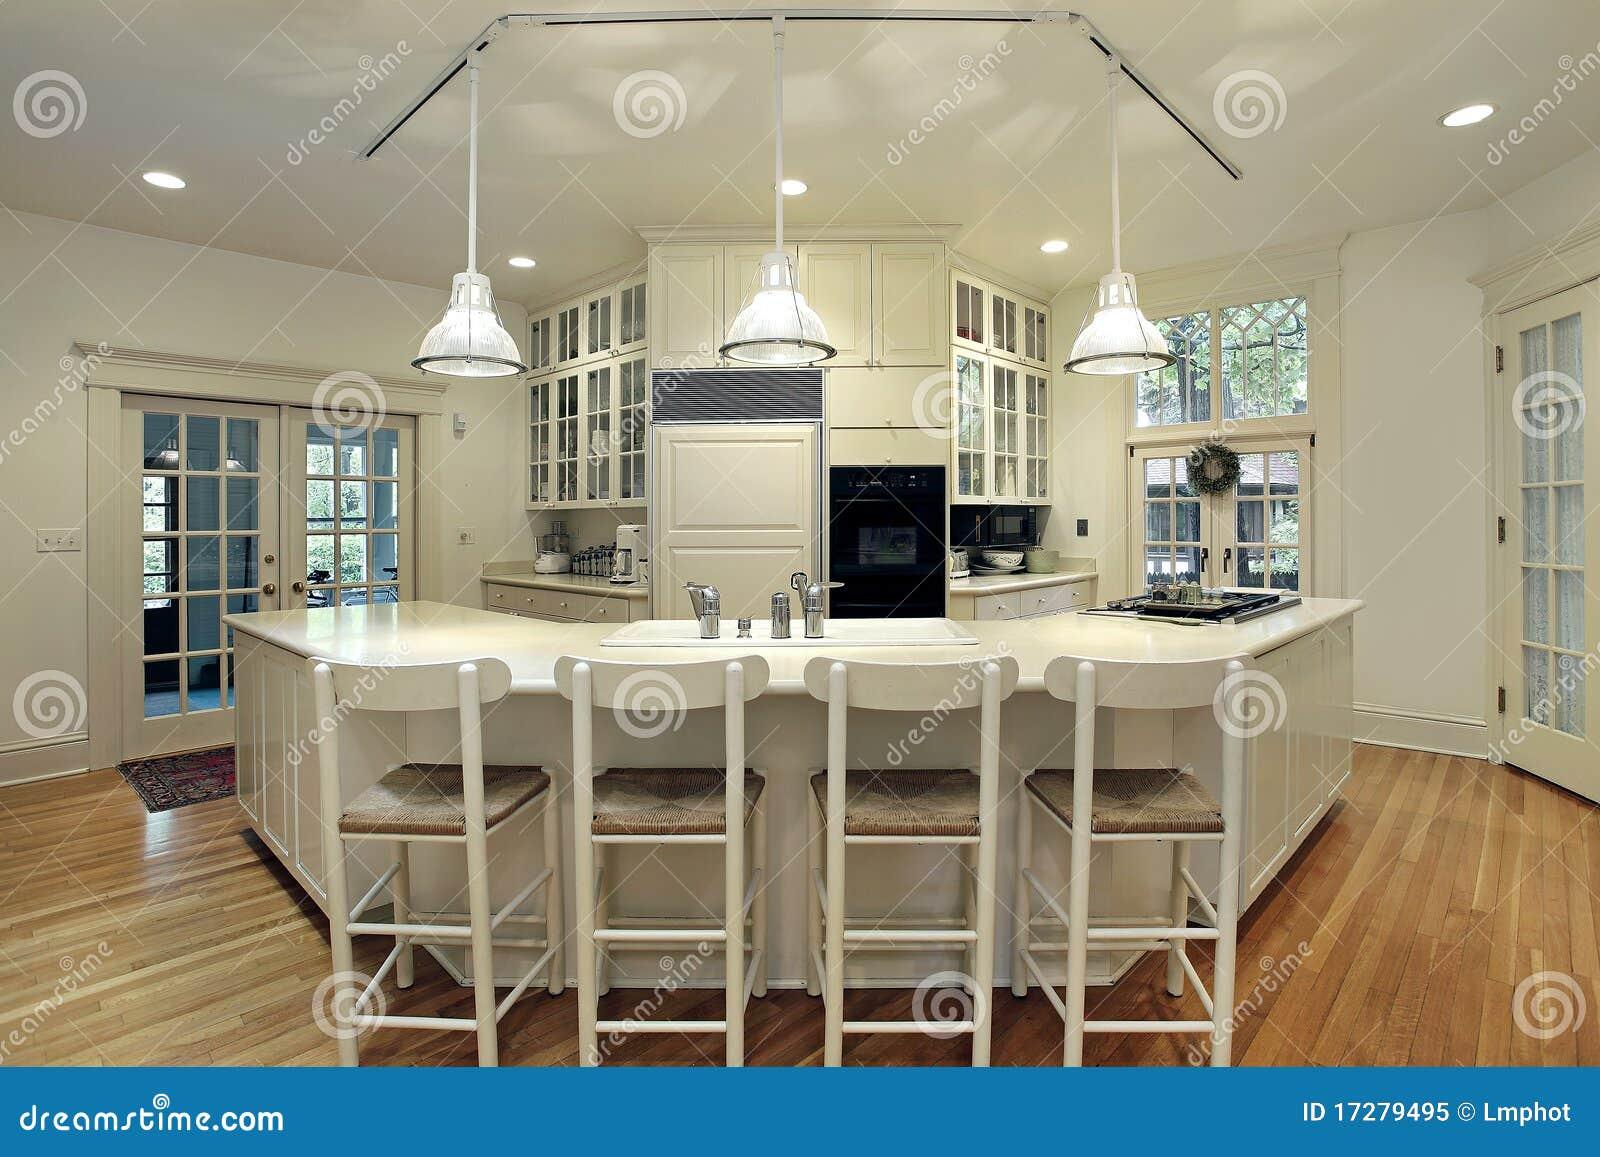 Cocina moderna con la barra de desayuno foto de archivo for Cocinas modernas con barra